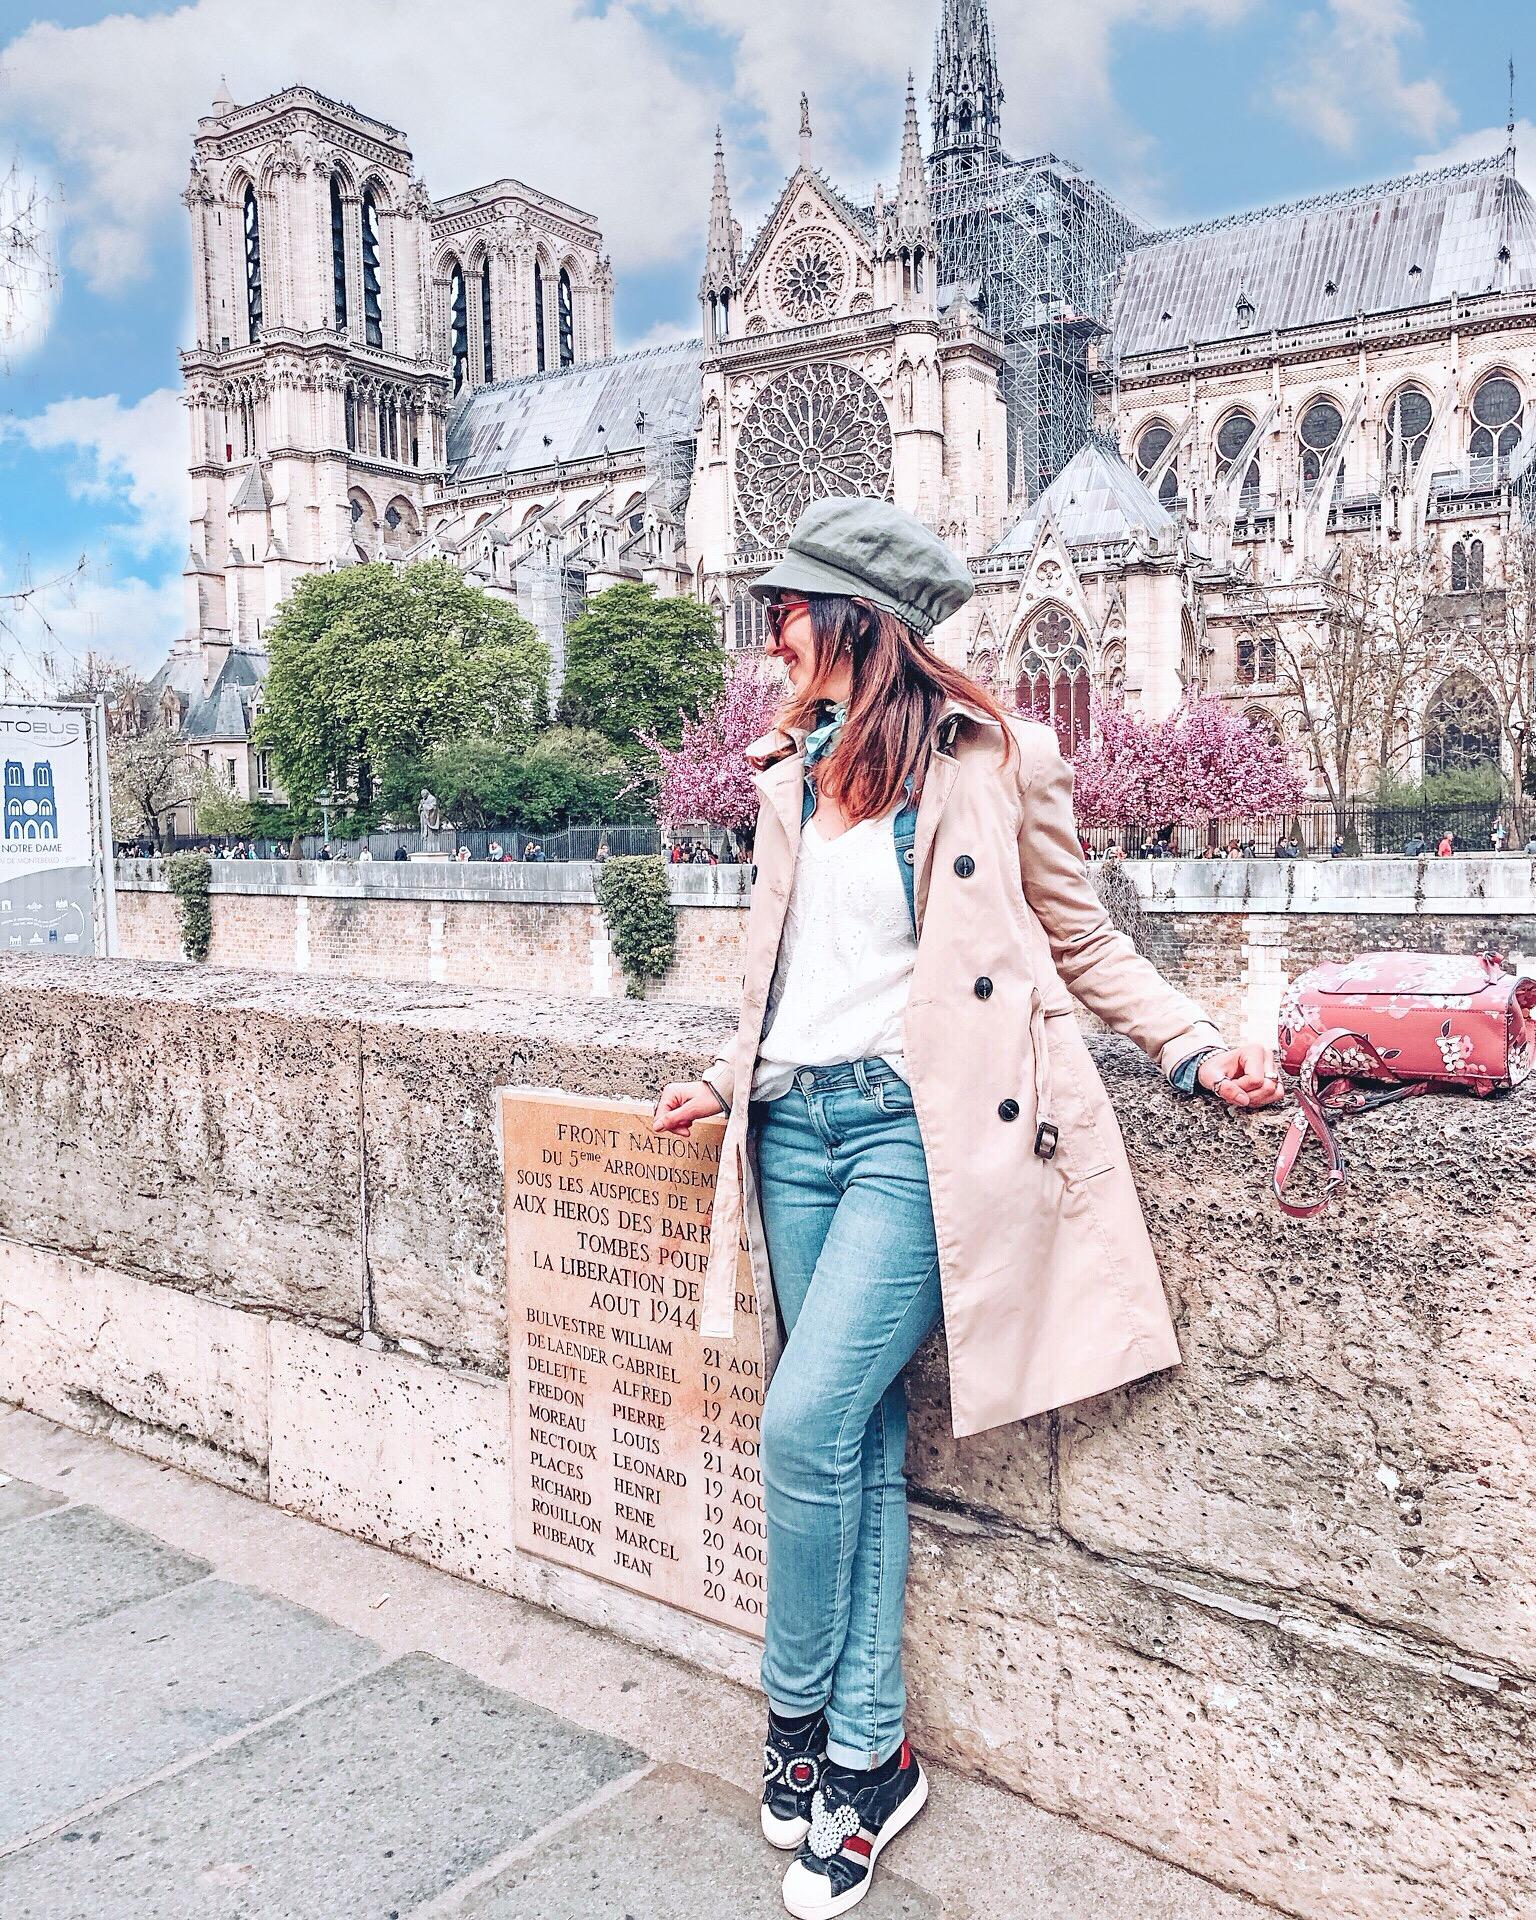 consulente d'imaginé, consigli di stile, impastastorie bistrot, impastastorie, parisian style, stile parigino, come esser una perfetta parigina, how to be parisienne